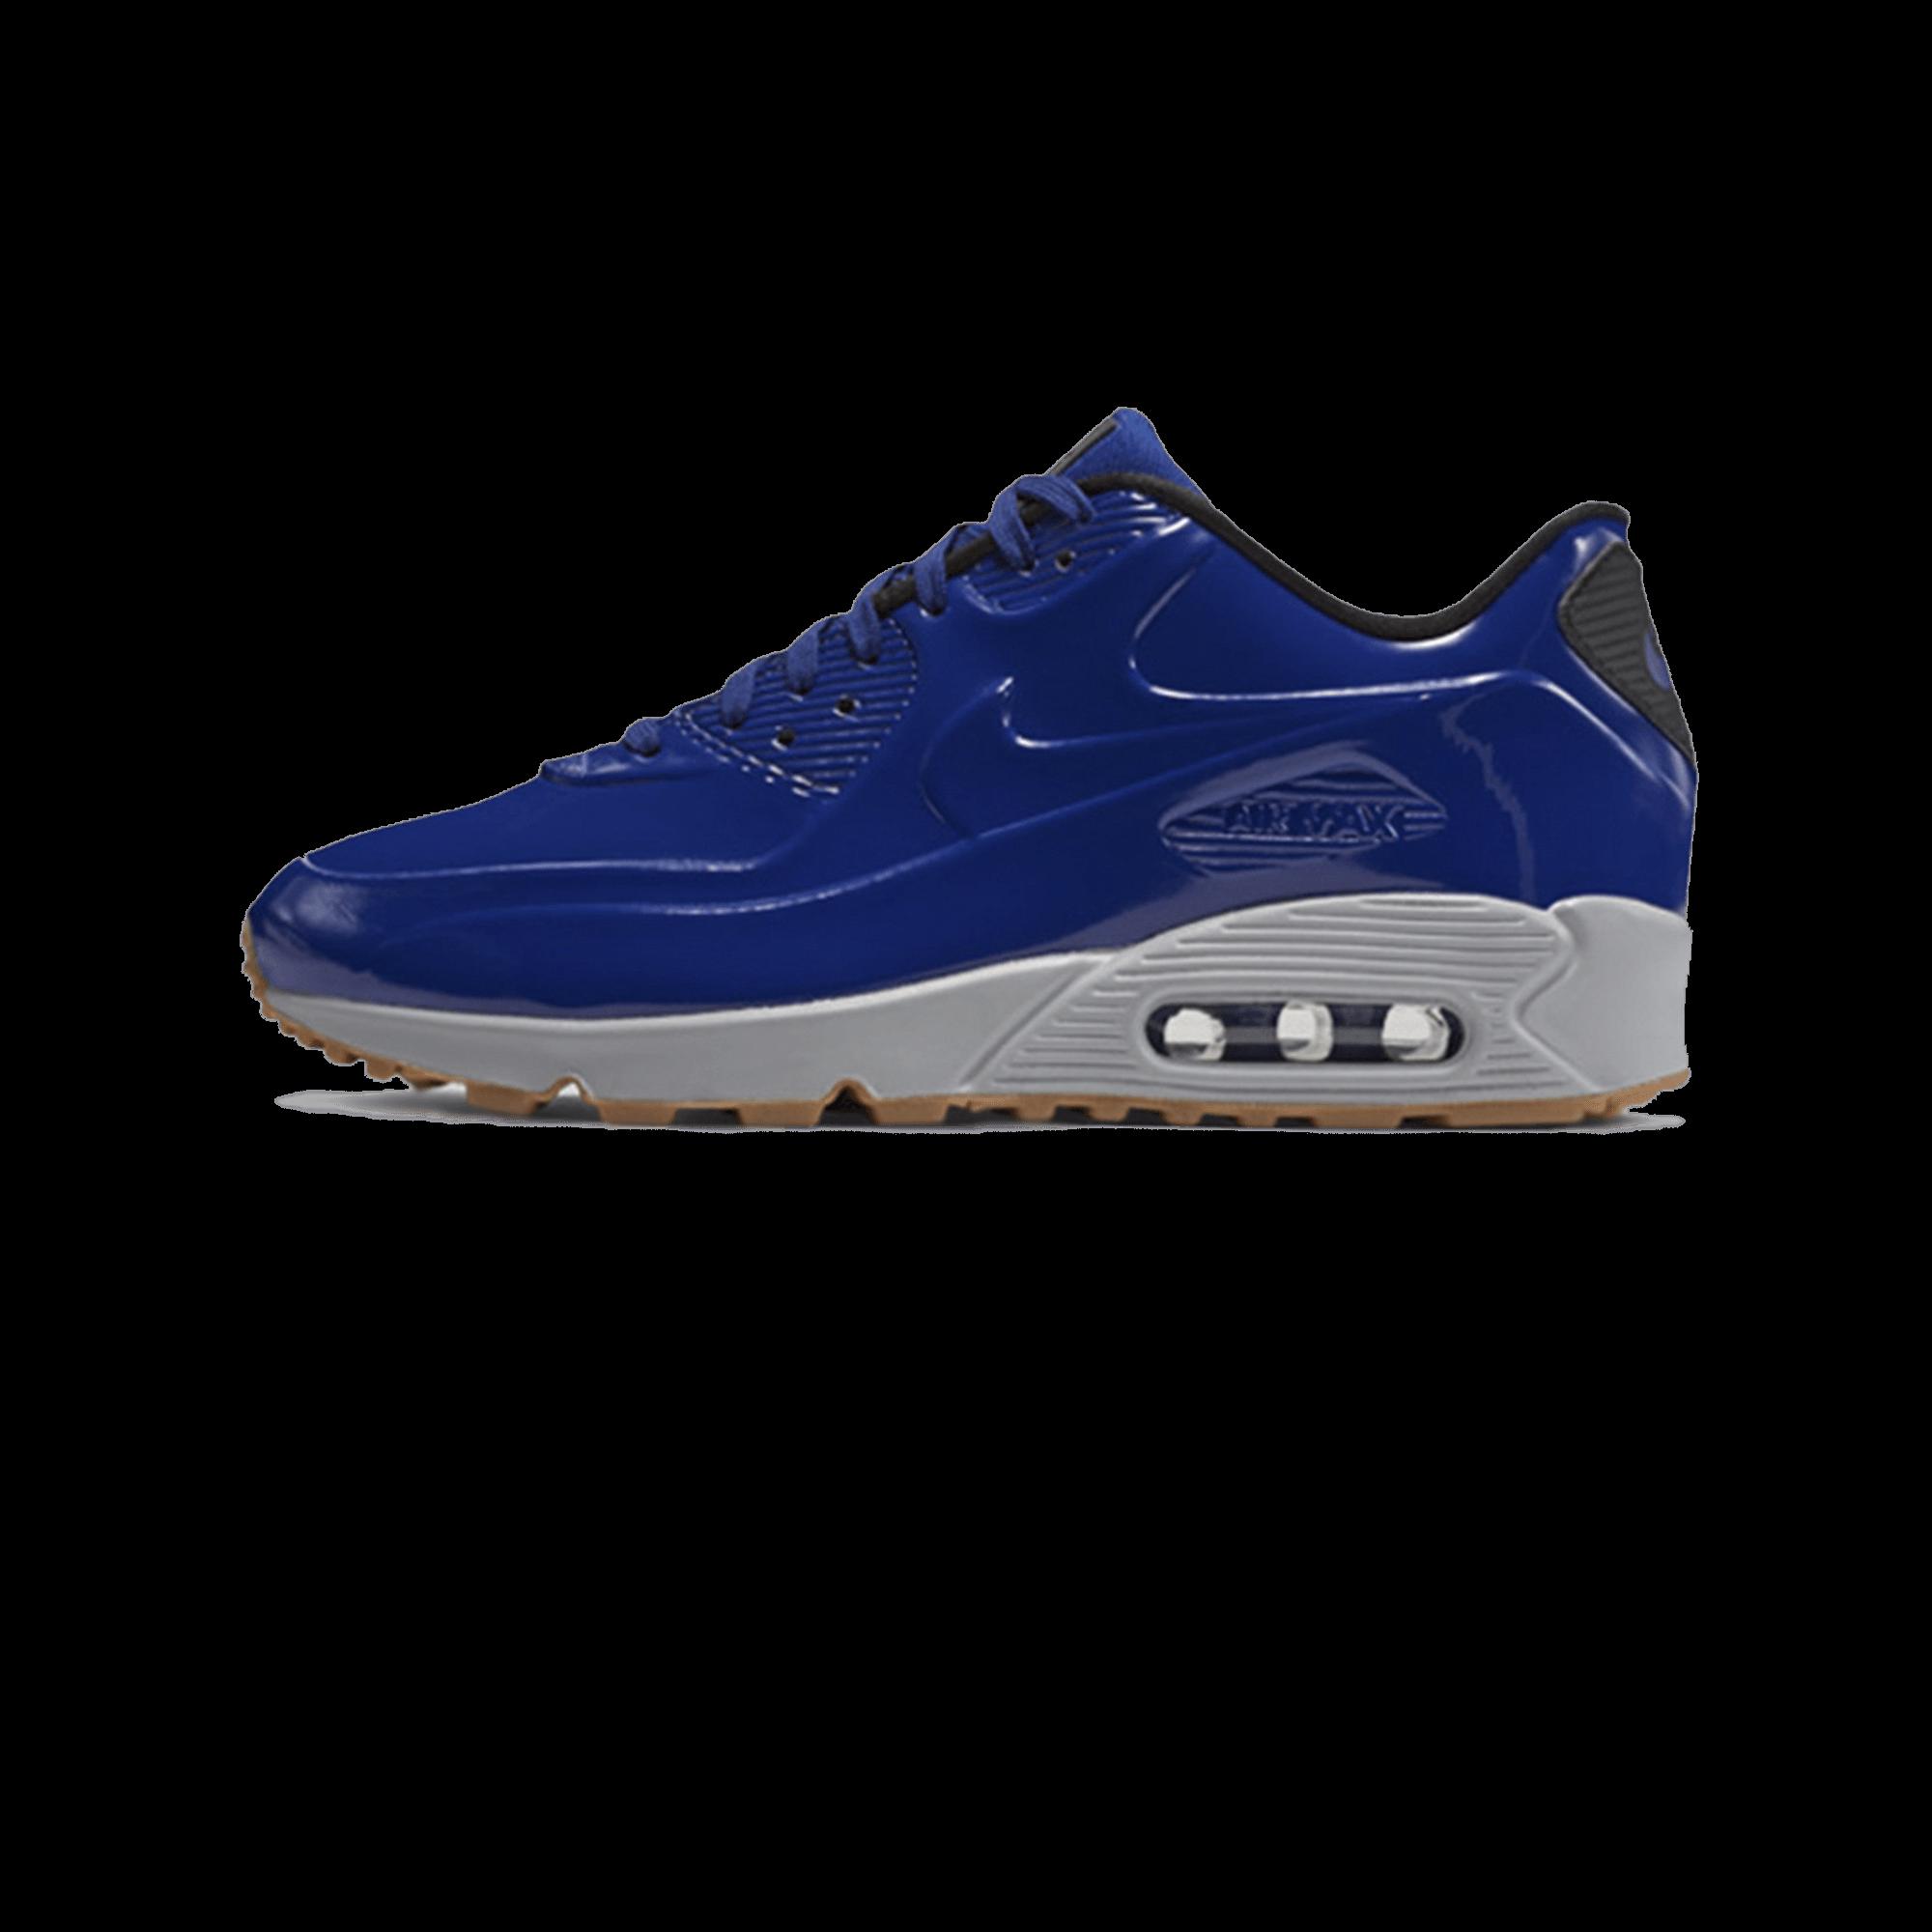 reputable site d6323 9f6af Air Max 90 VT QS. deep royal blue